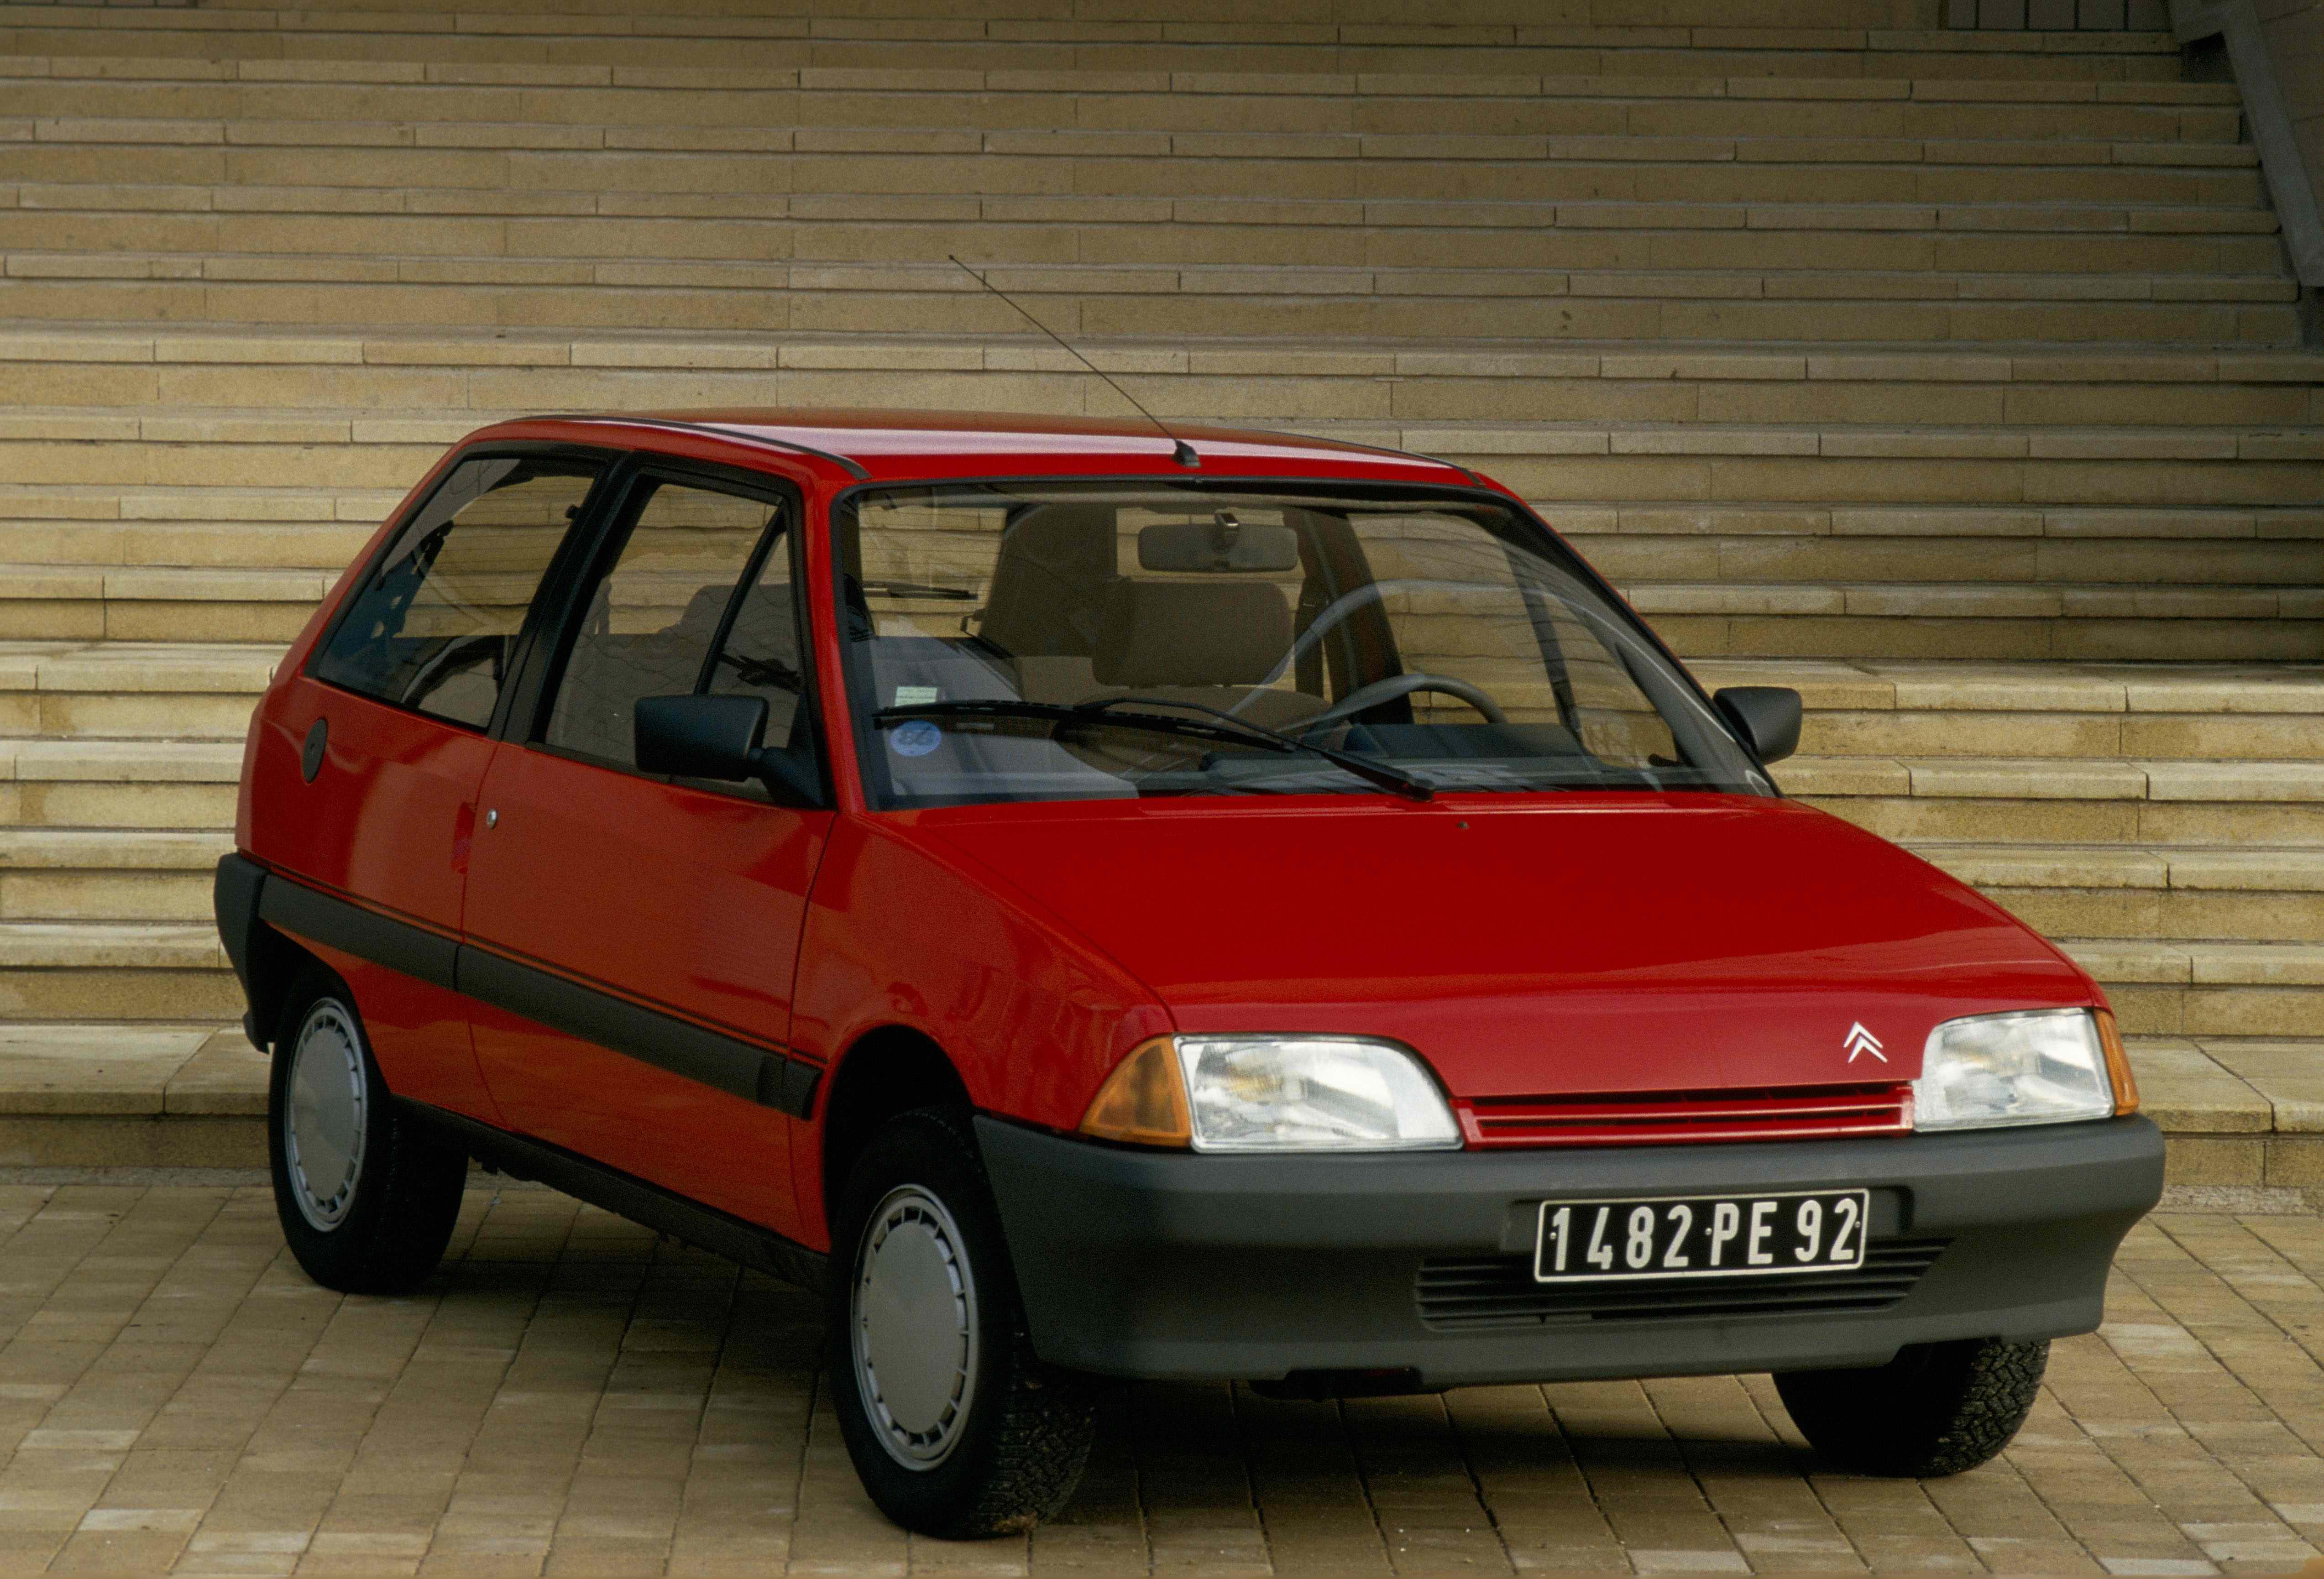 El Citroen AX marco un antes y un después en la marca que aun sigue vigente en cuanto a filosofía y producto.